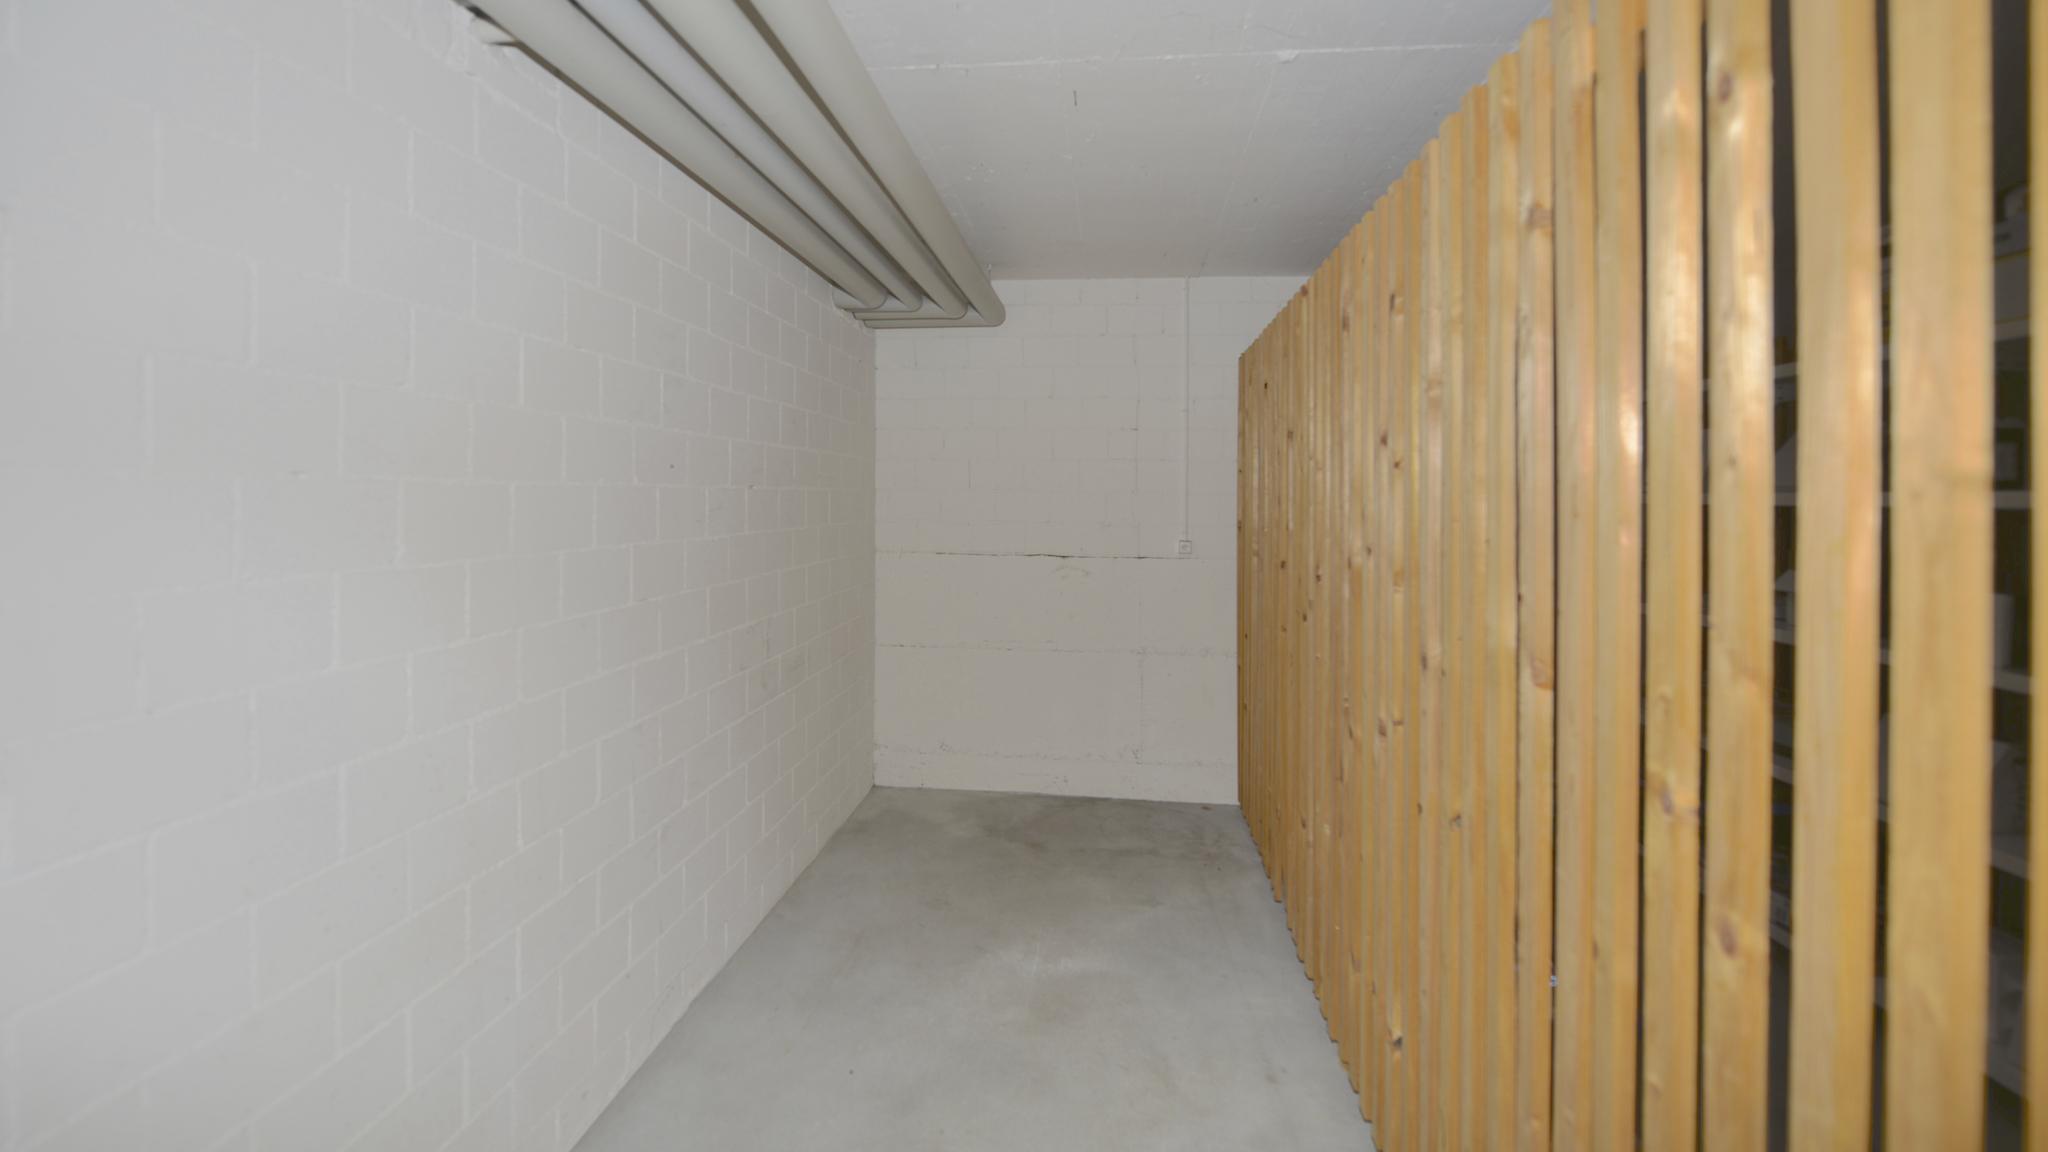 Kellerabteil im Untergeschoss